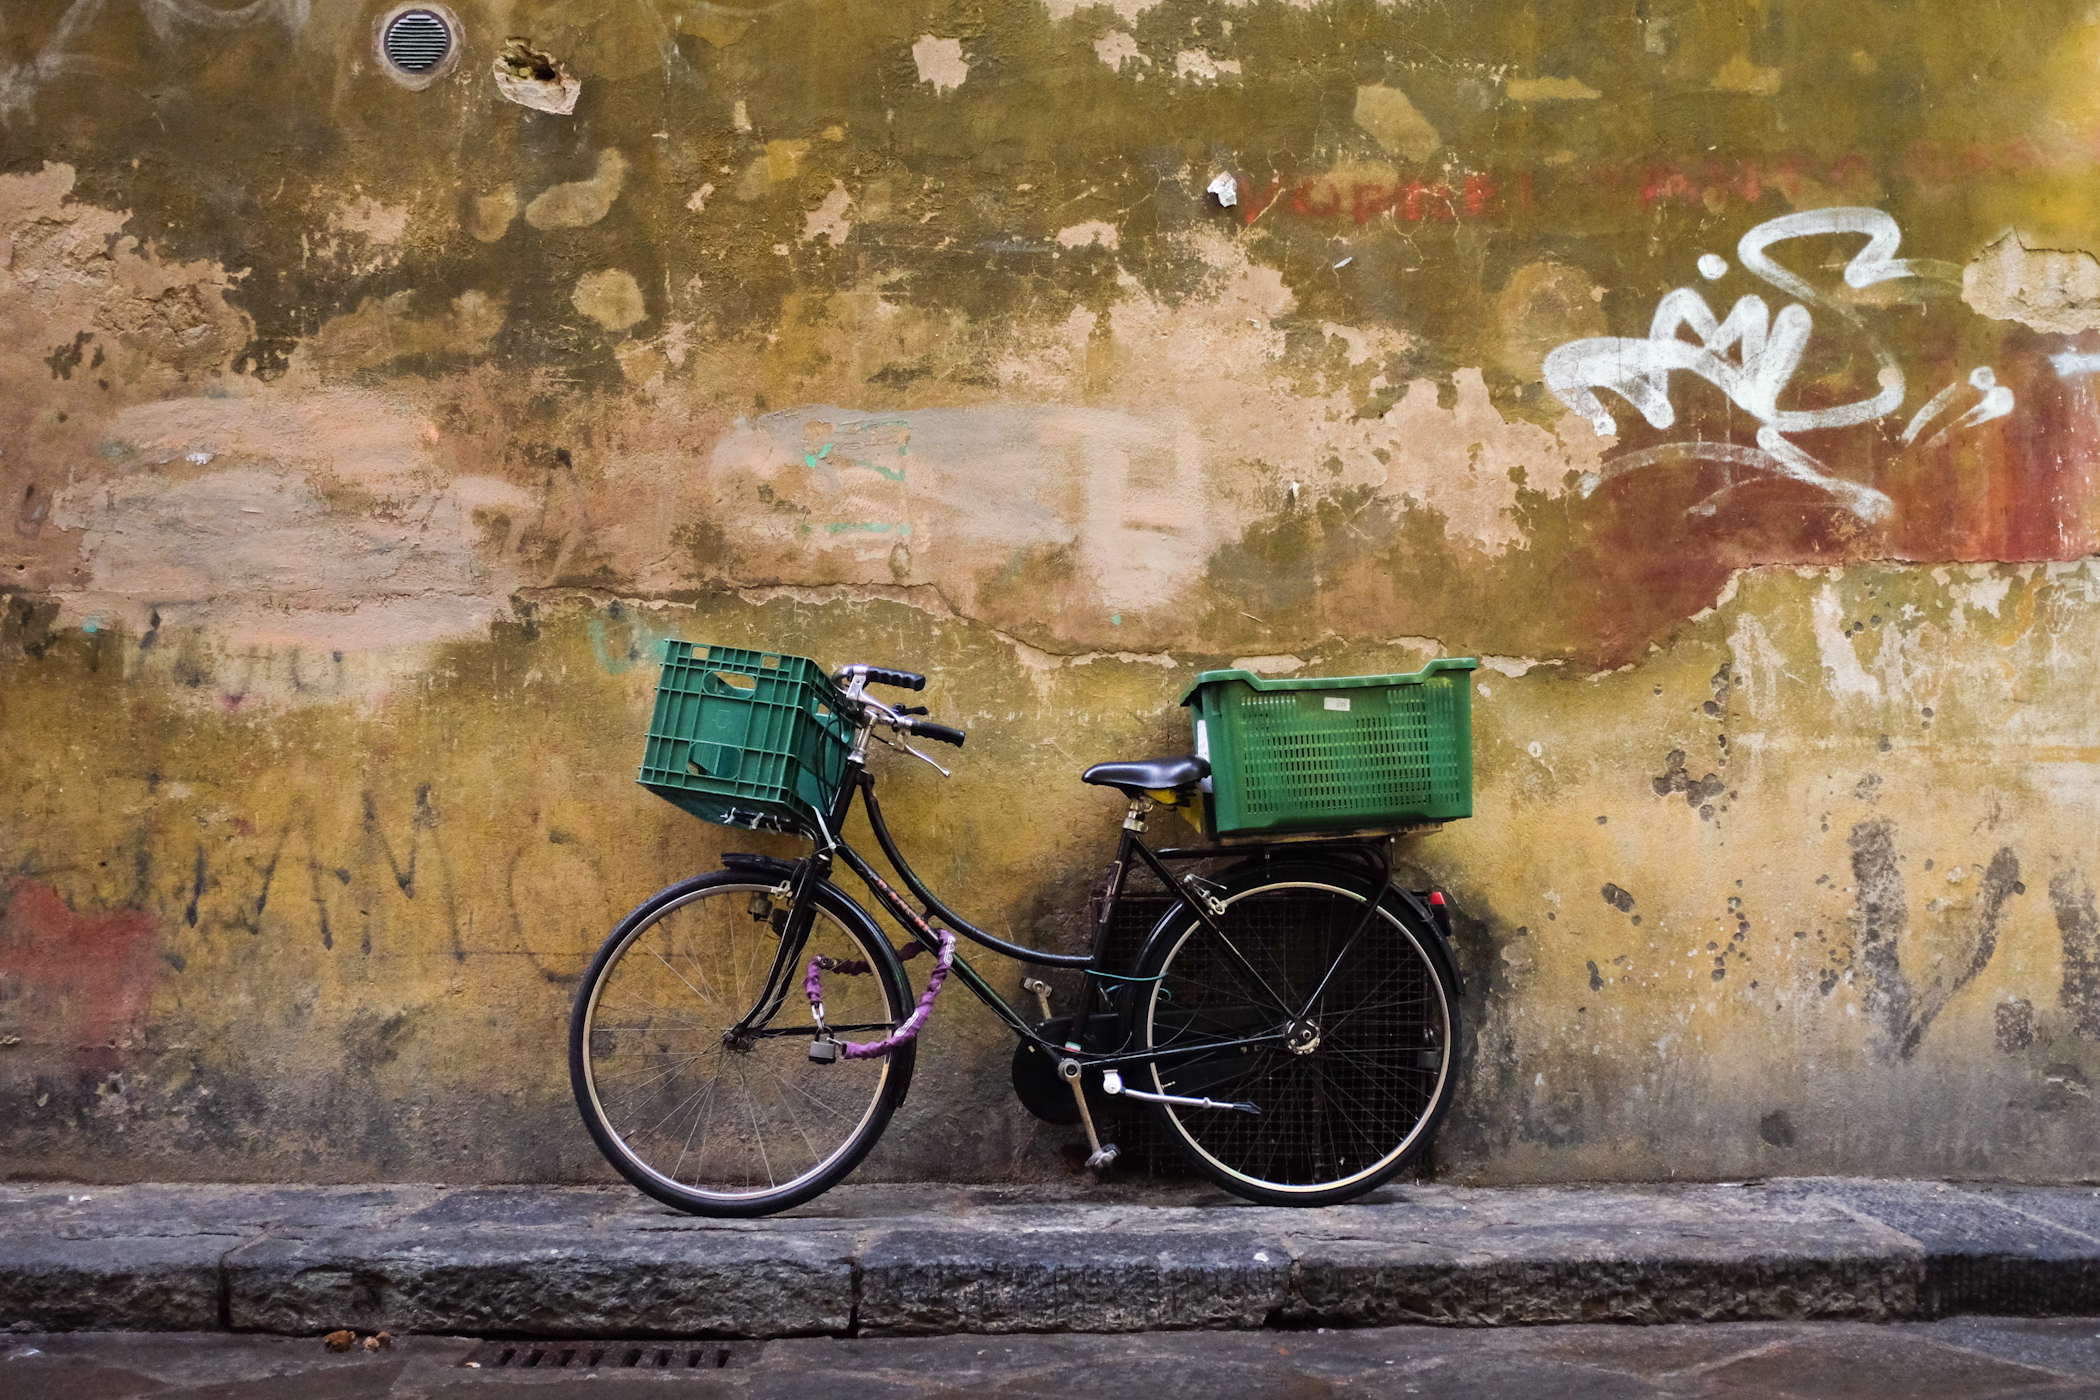 palermo bicicletti di firenze jan15-5.jpg